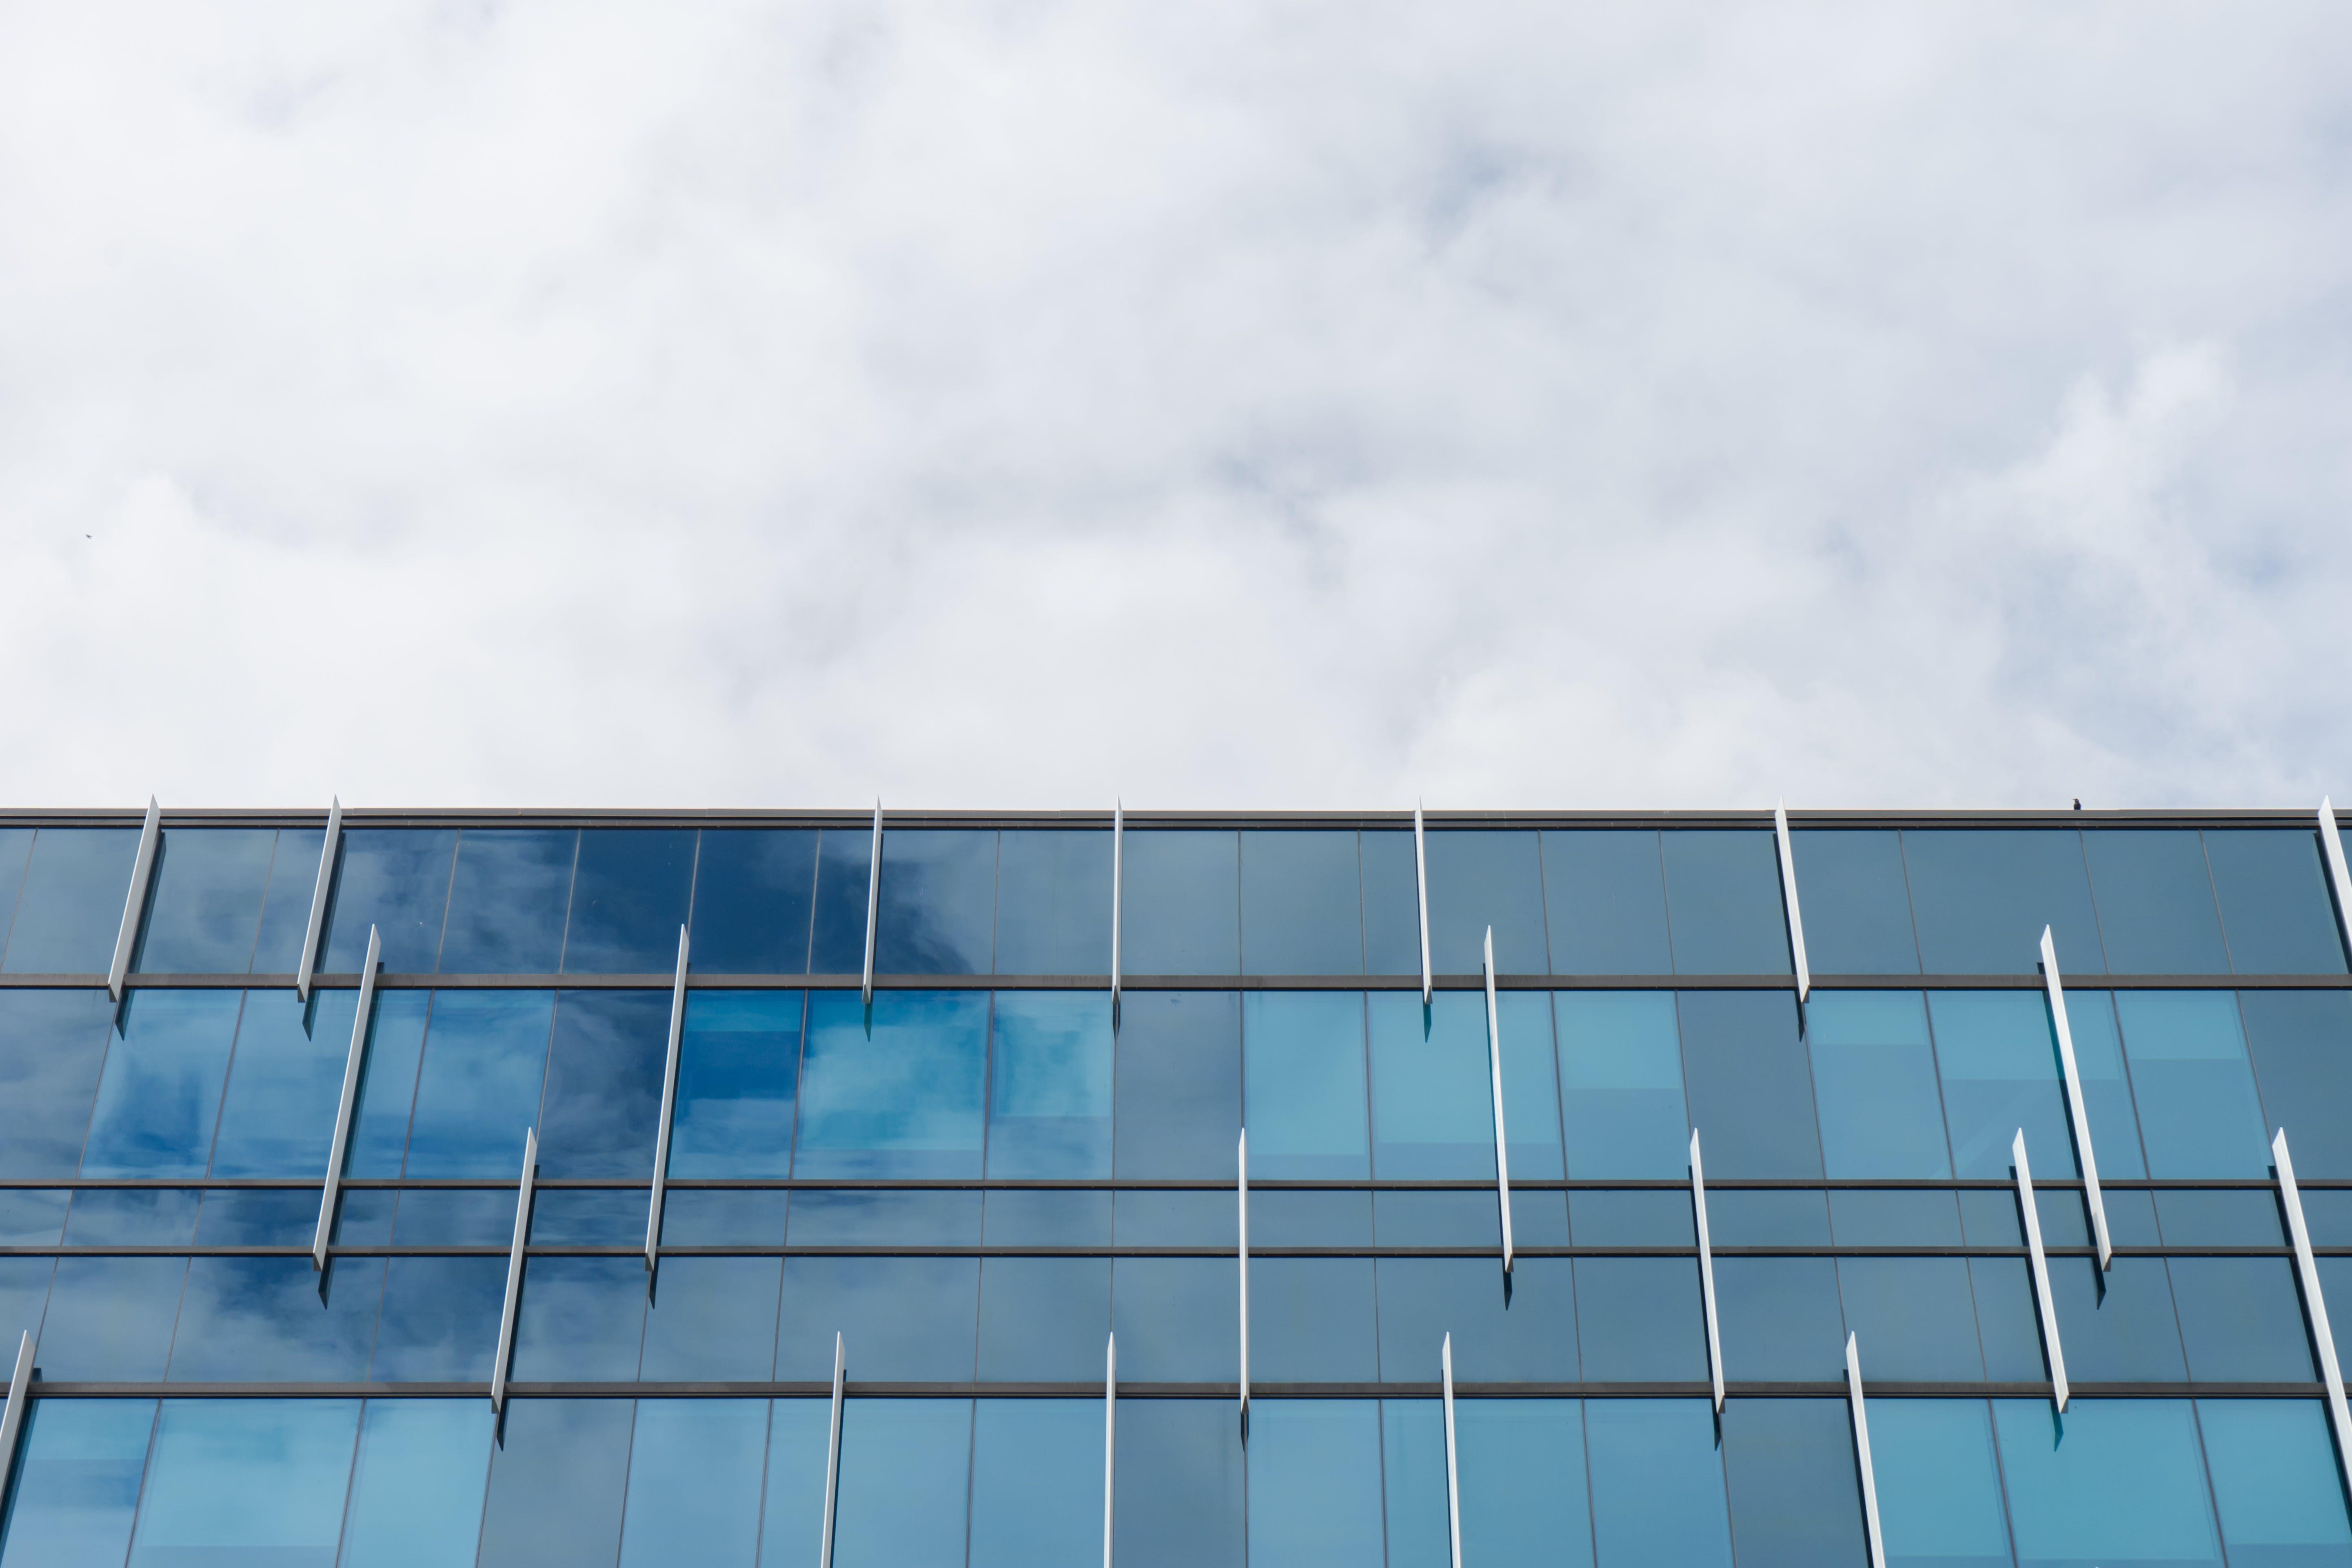 Kostnadsfri bild av arkitektur, byggnad, byggnadsexteriör, dagsljus